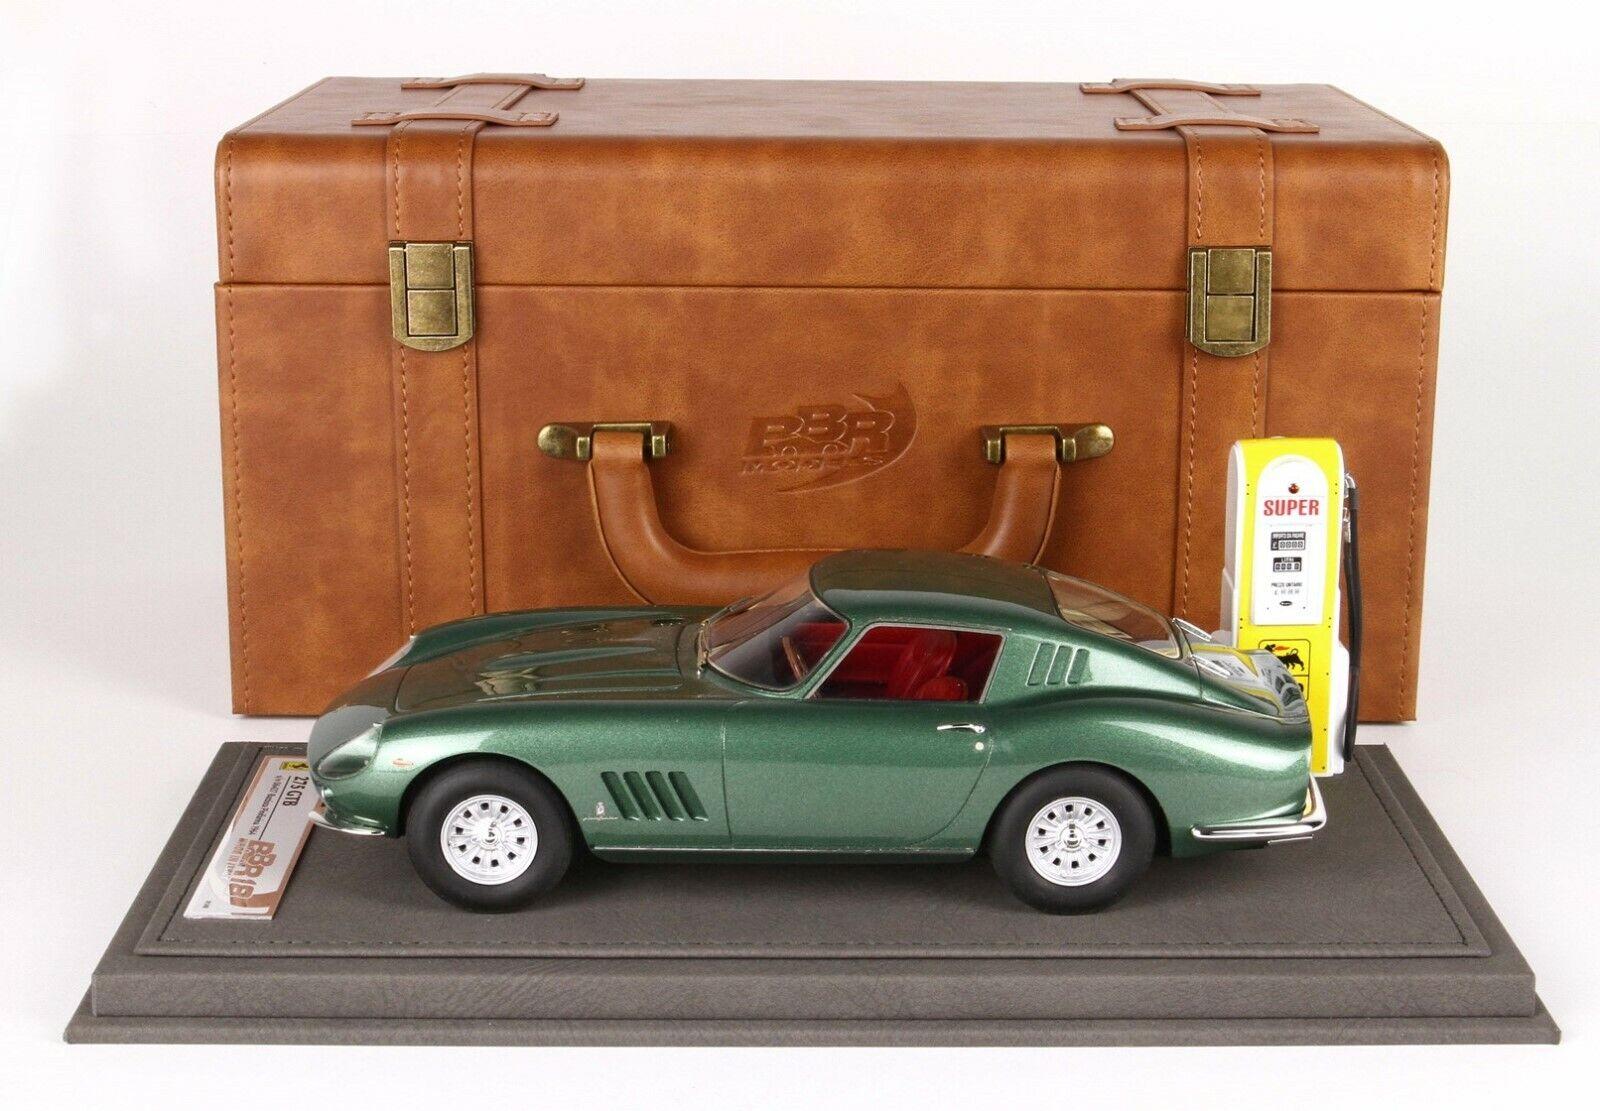 Ferrari 275 GTB S N Battista PINIFARINA personnel car valise, PC-Box BBR 1 18